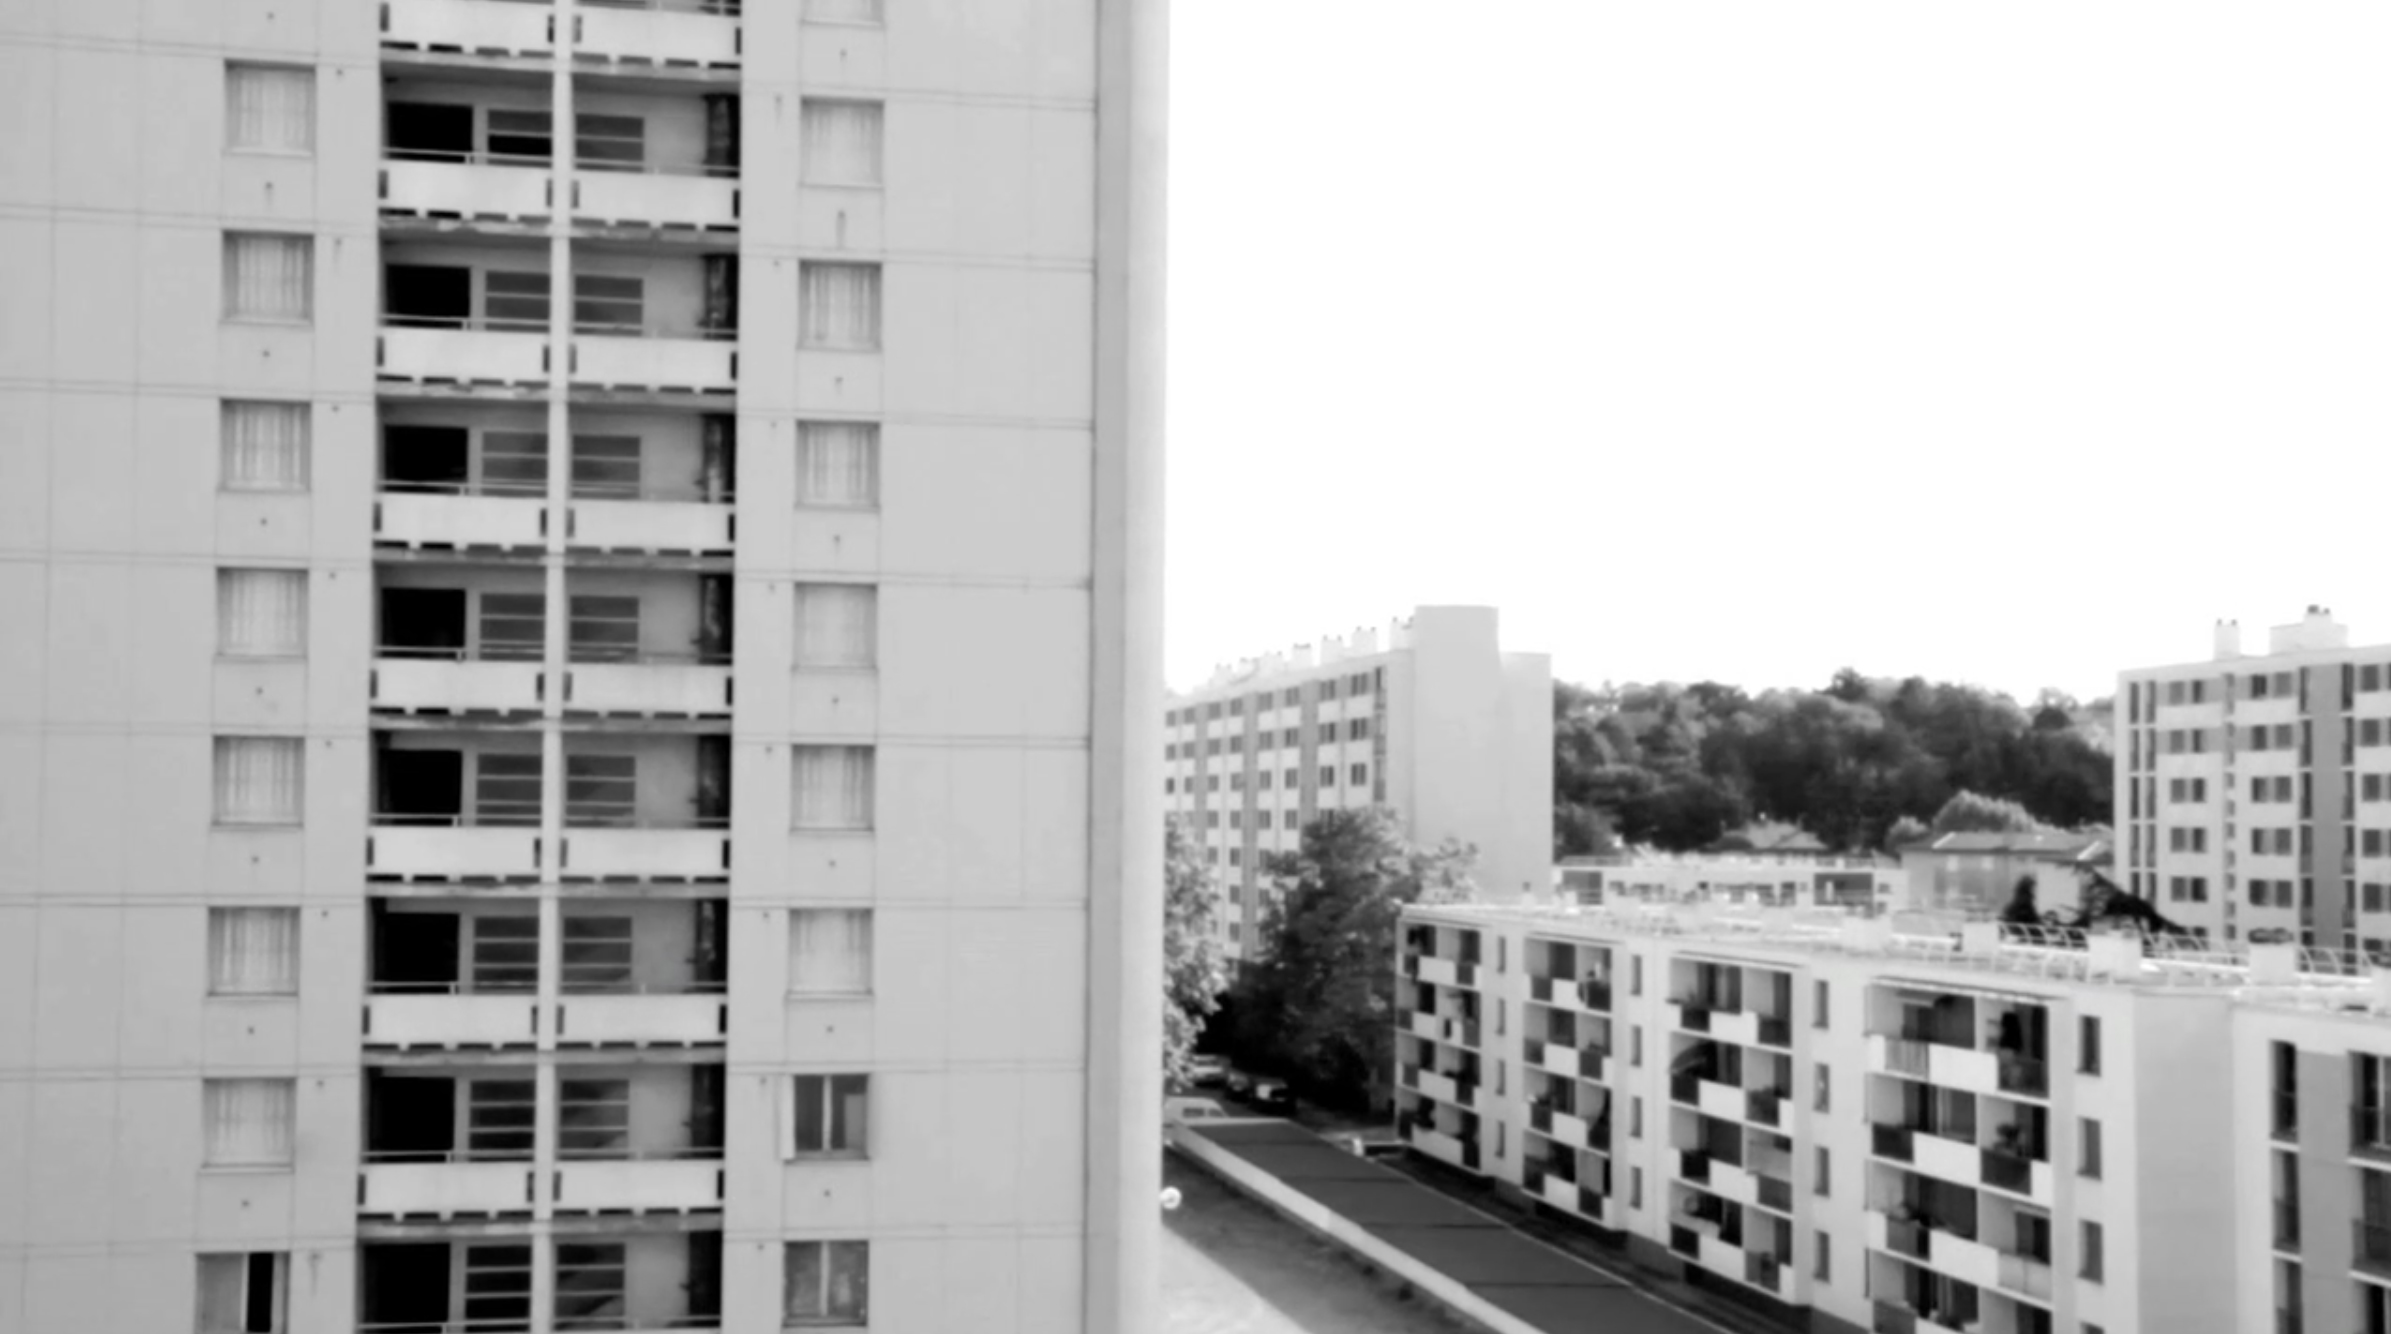 Saint-Fons-10-juillet-2019_Faire-Danser-Les-Mots-Cie-Stylistik-1.jpg